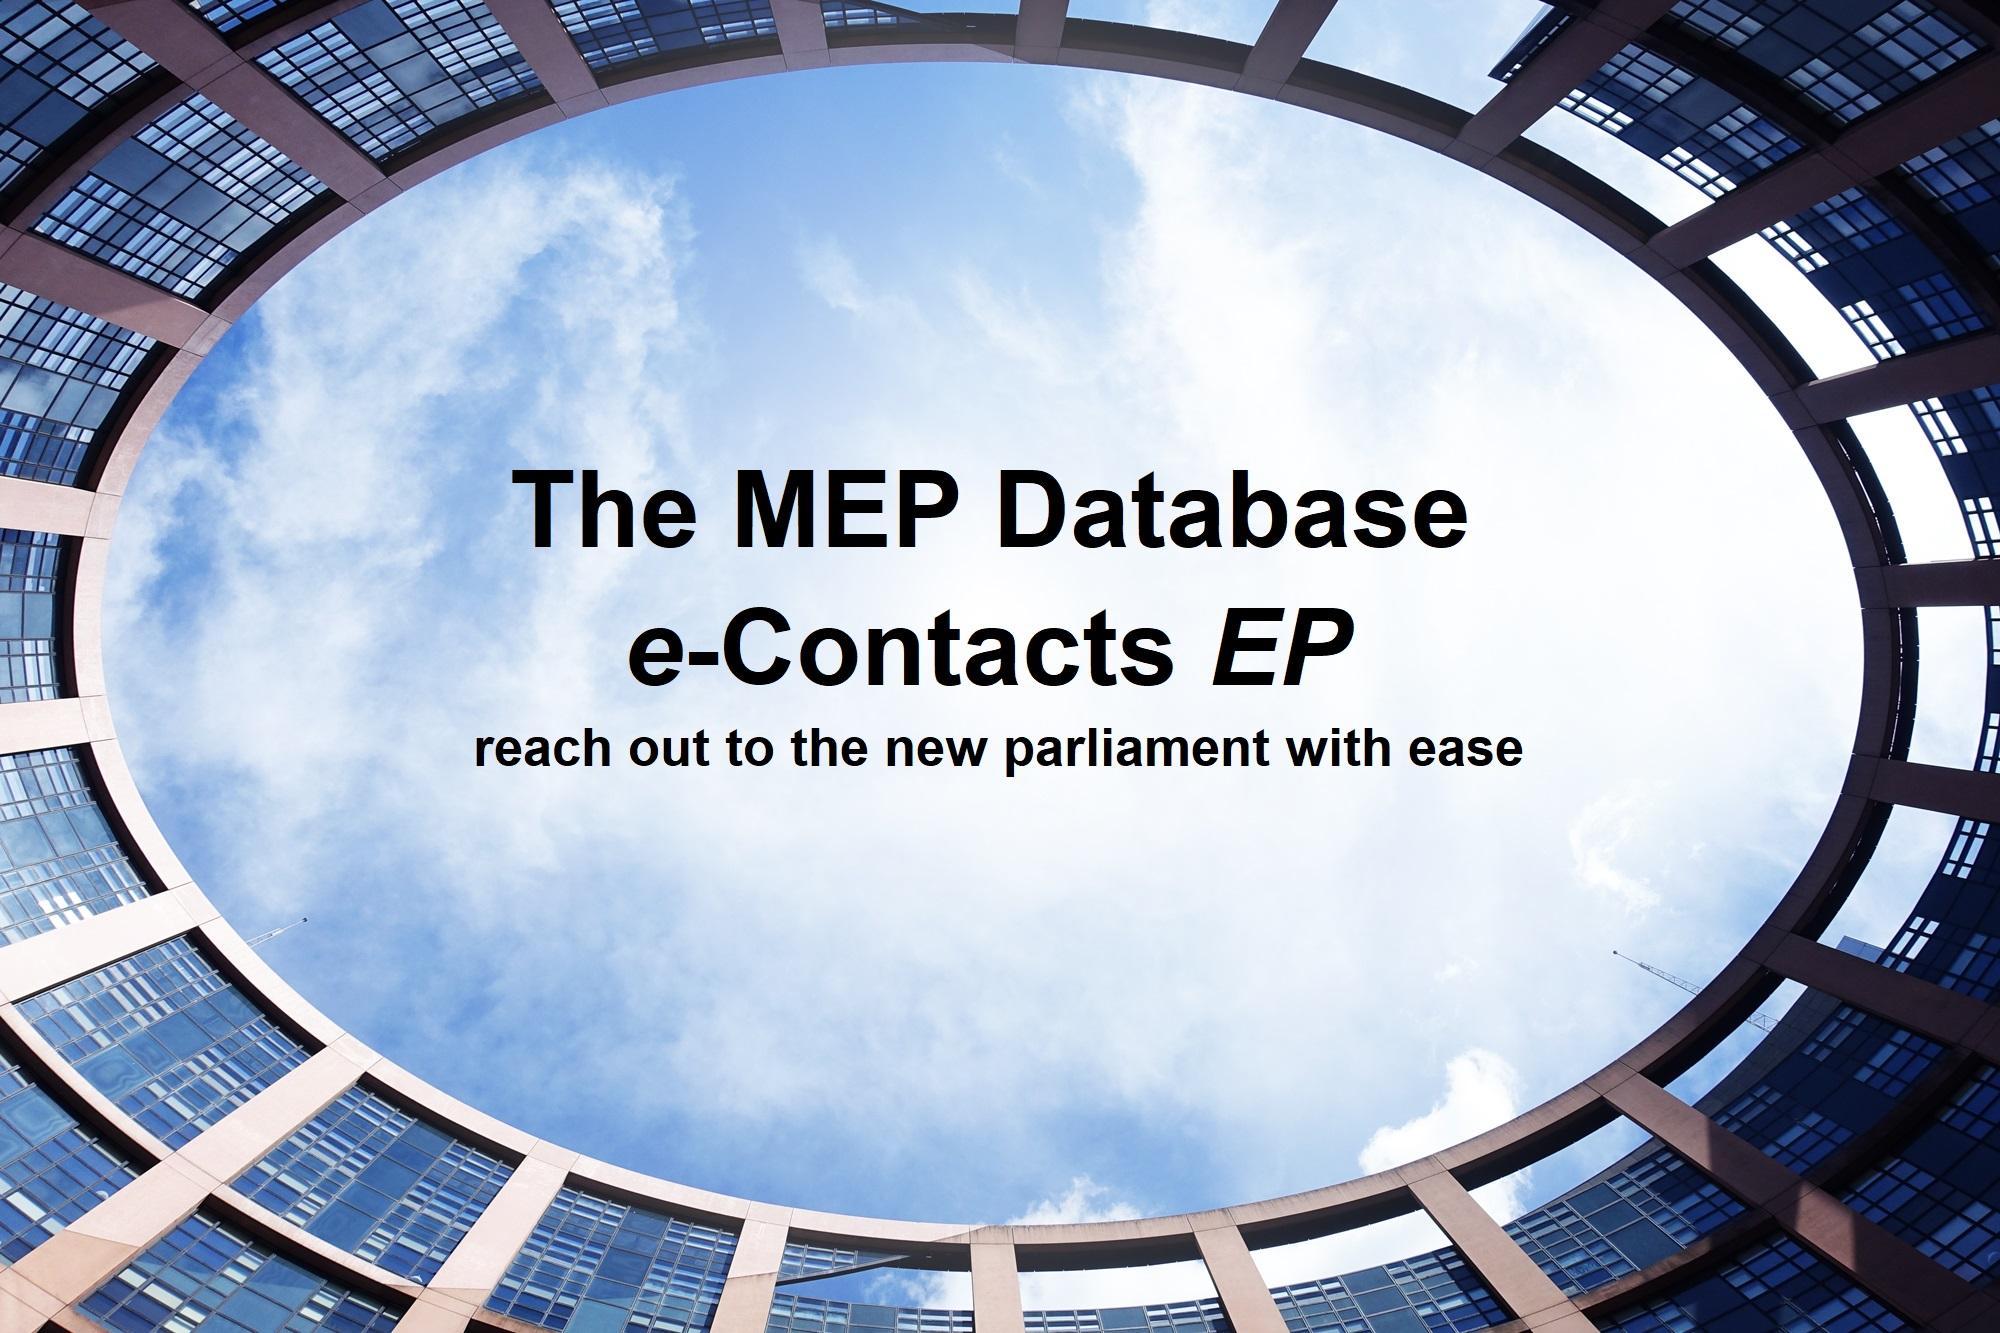 e-Contacts EP